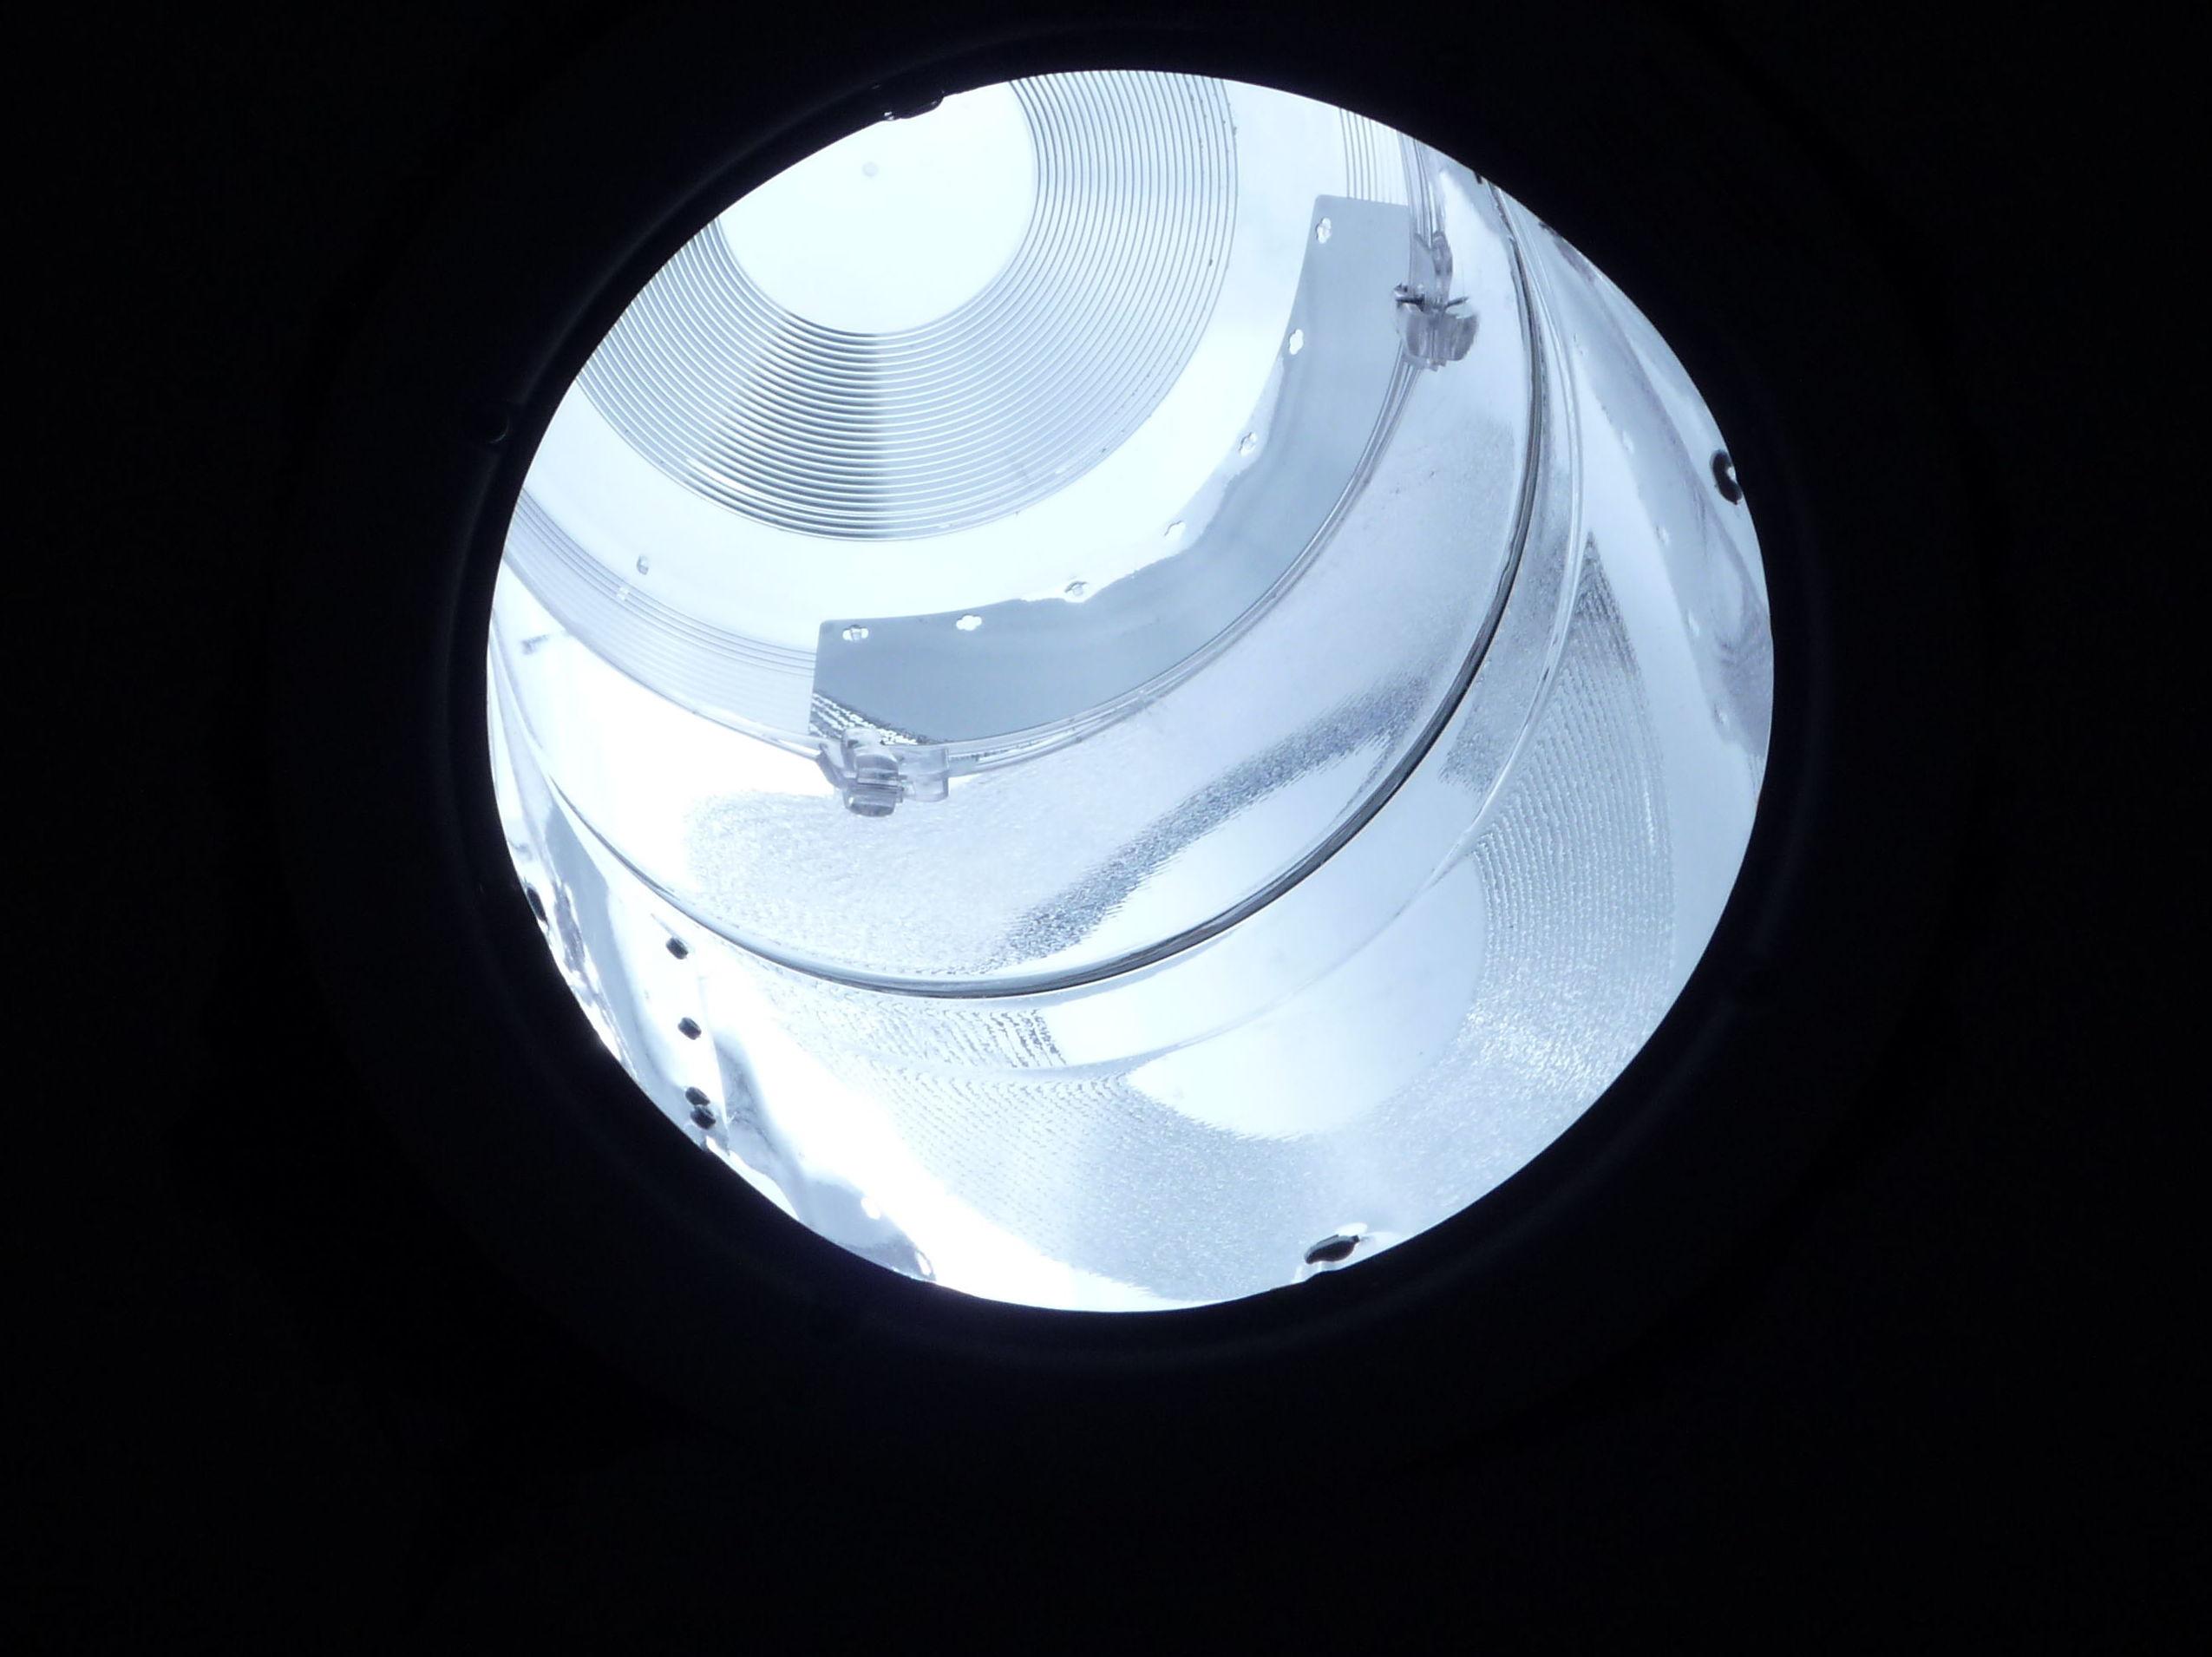 Realizamos la instalación de sistema de iluminación natural, aprovecha la luz natural. Santa Cruz de Tenerife